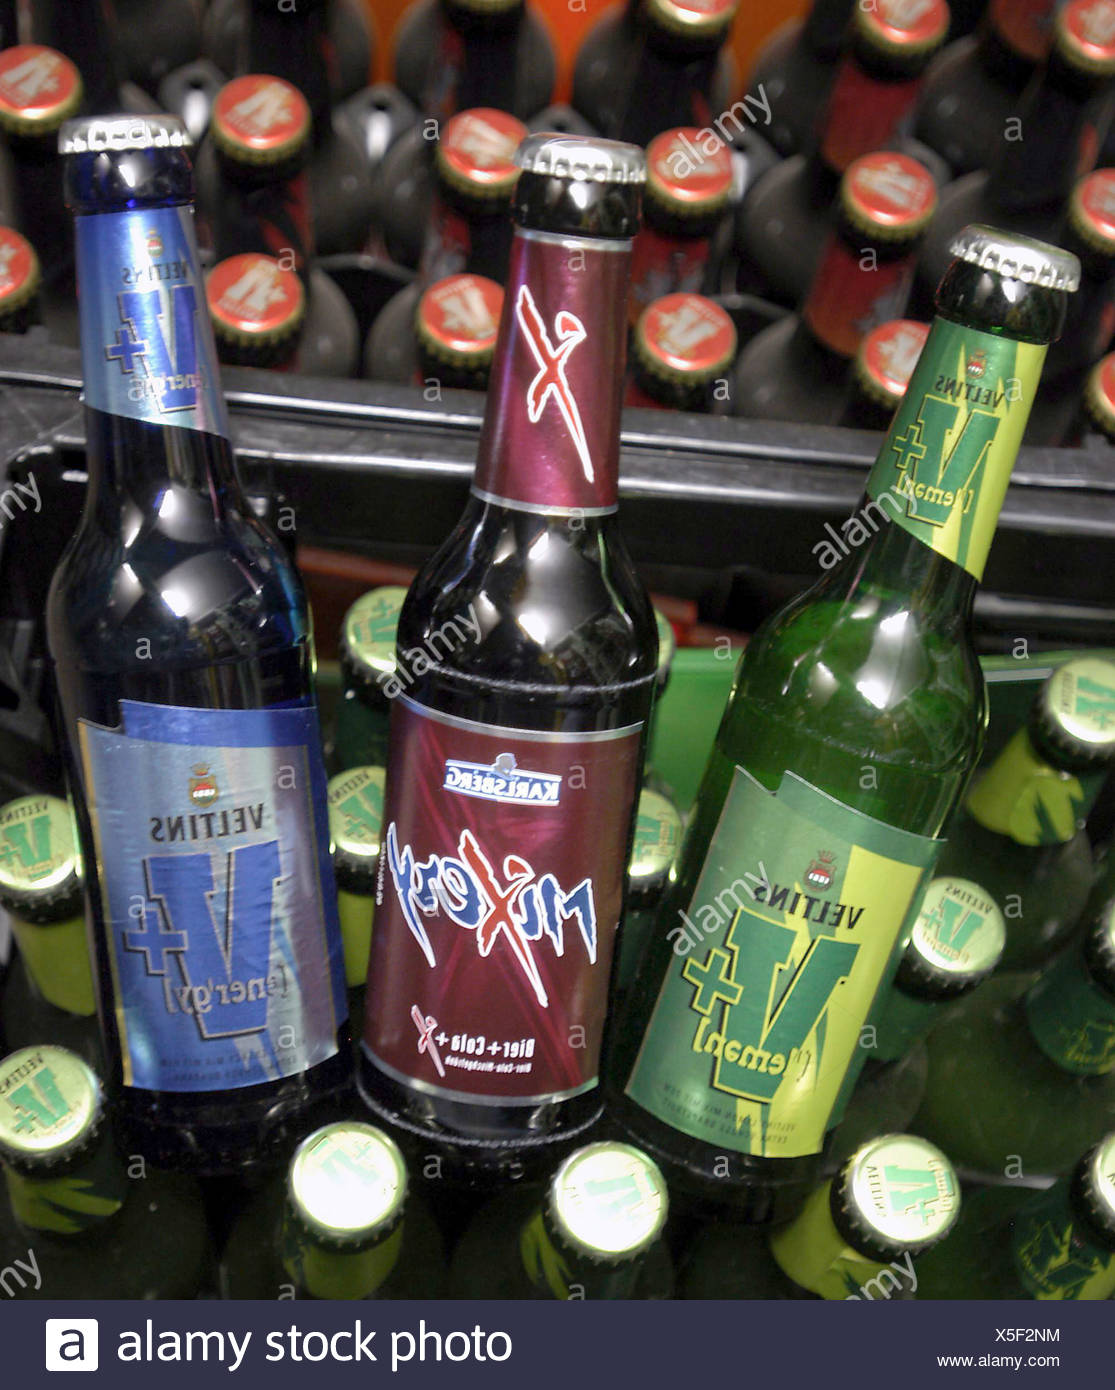 Bier Mixgetraenke Stock Photo: 278770624 - Alamy